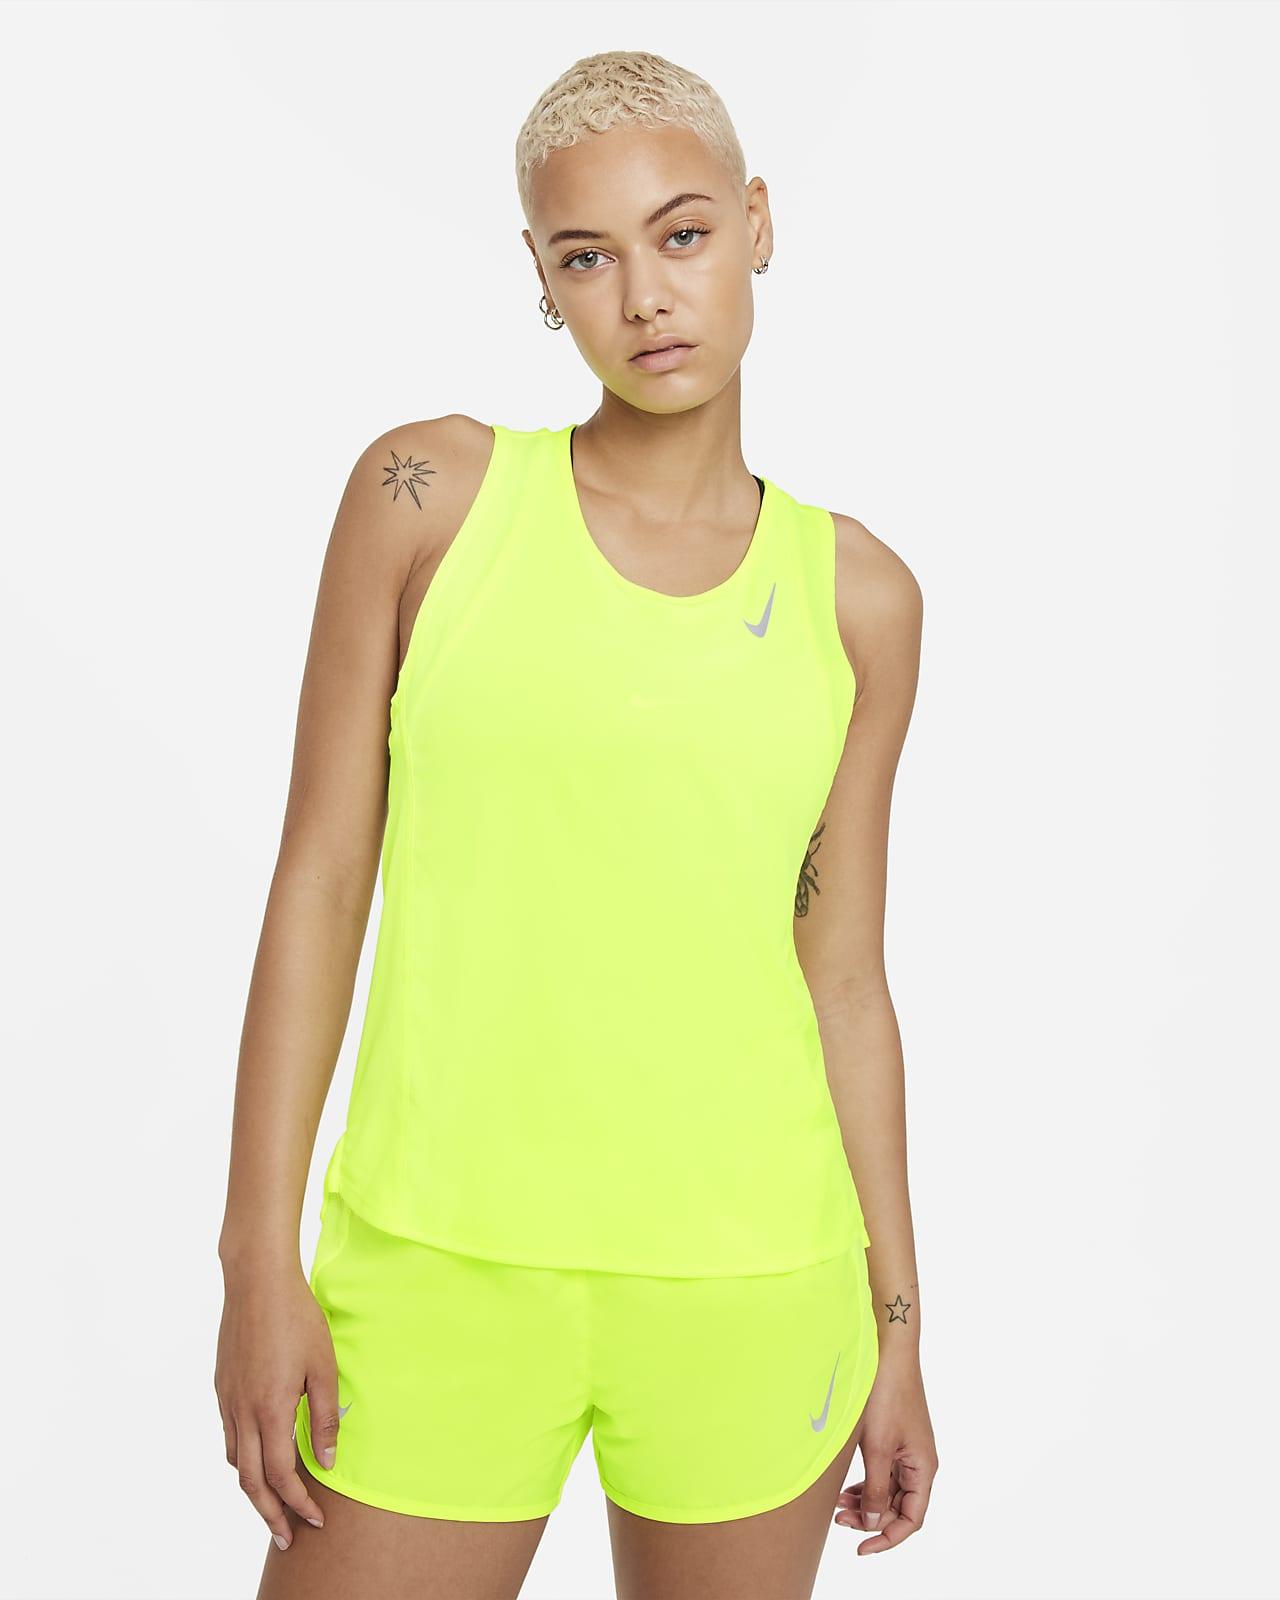 Camiseta sin mangas de running para mujer Nike Dri-FIT Race